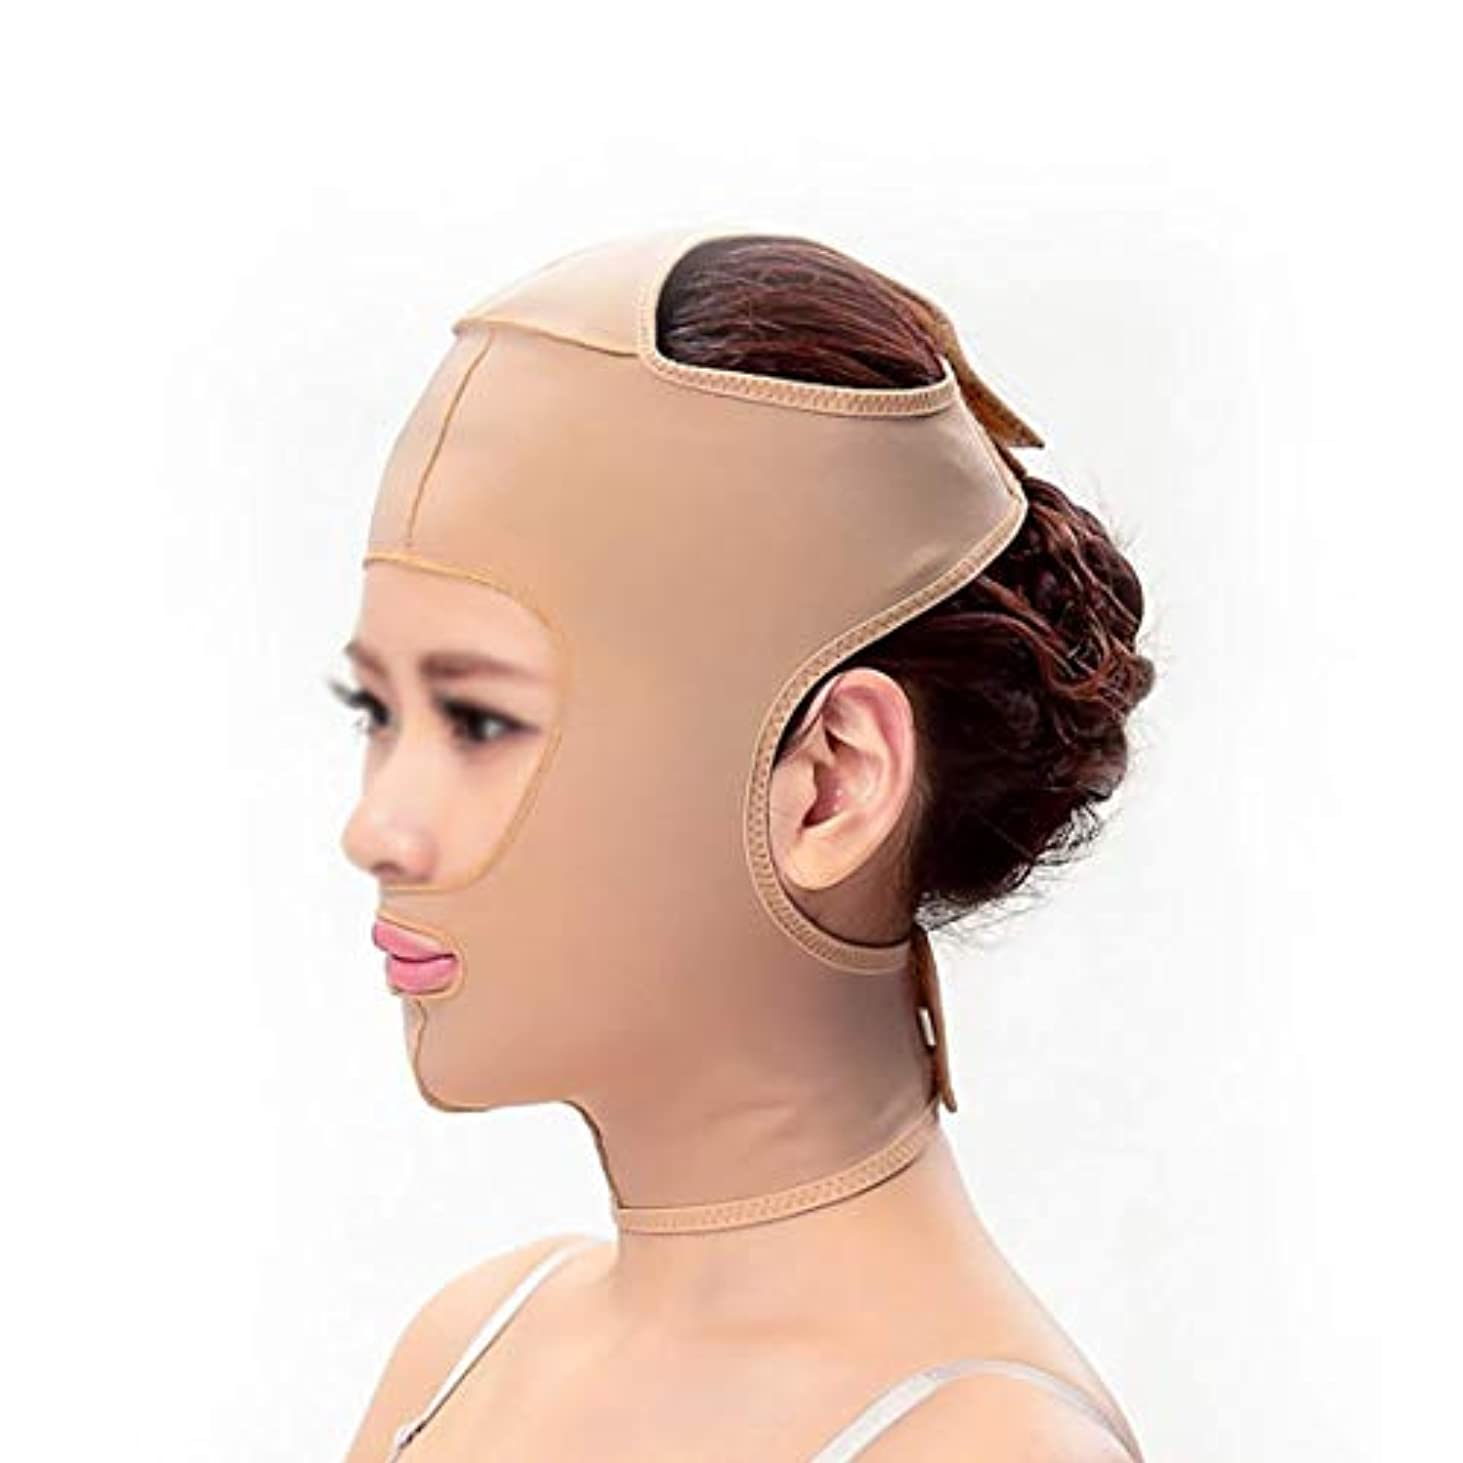 台無しにからに変化する続編スリミングベルト、フェイシャルマスク薄いフェイスマスク布布パターンを持ち上げるダブルあご引き締めフェイシャルプラスチック顔アーティファクト強力な顔包帯(サイズ:XXL)